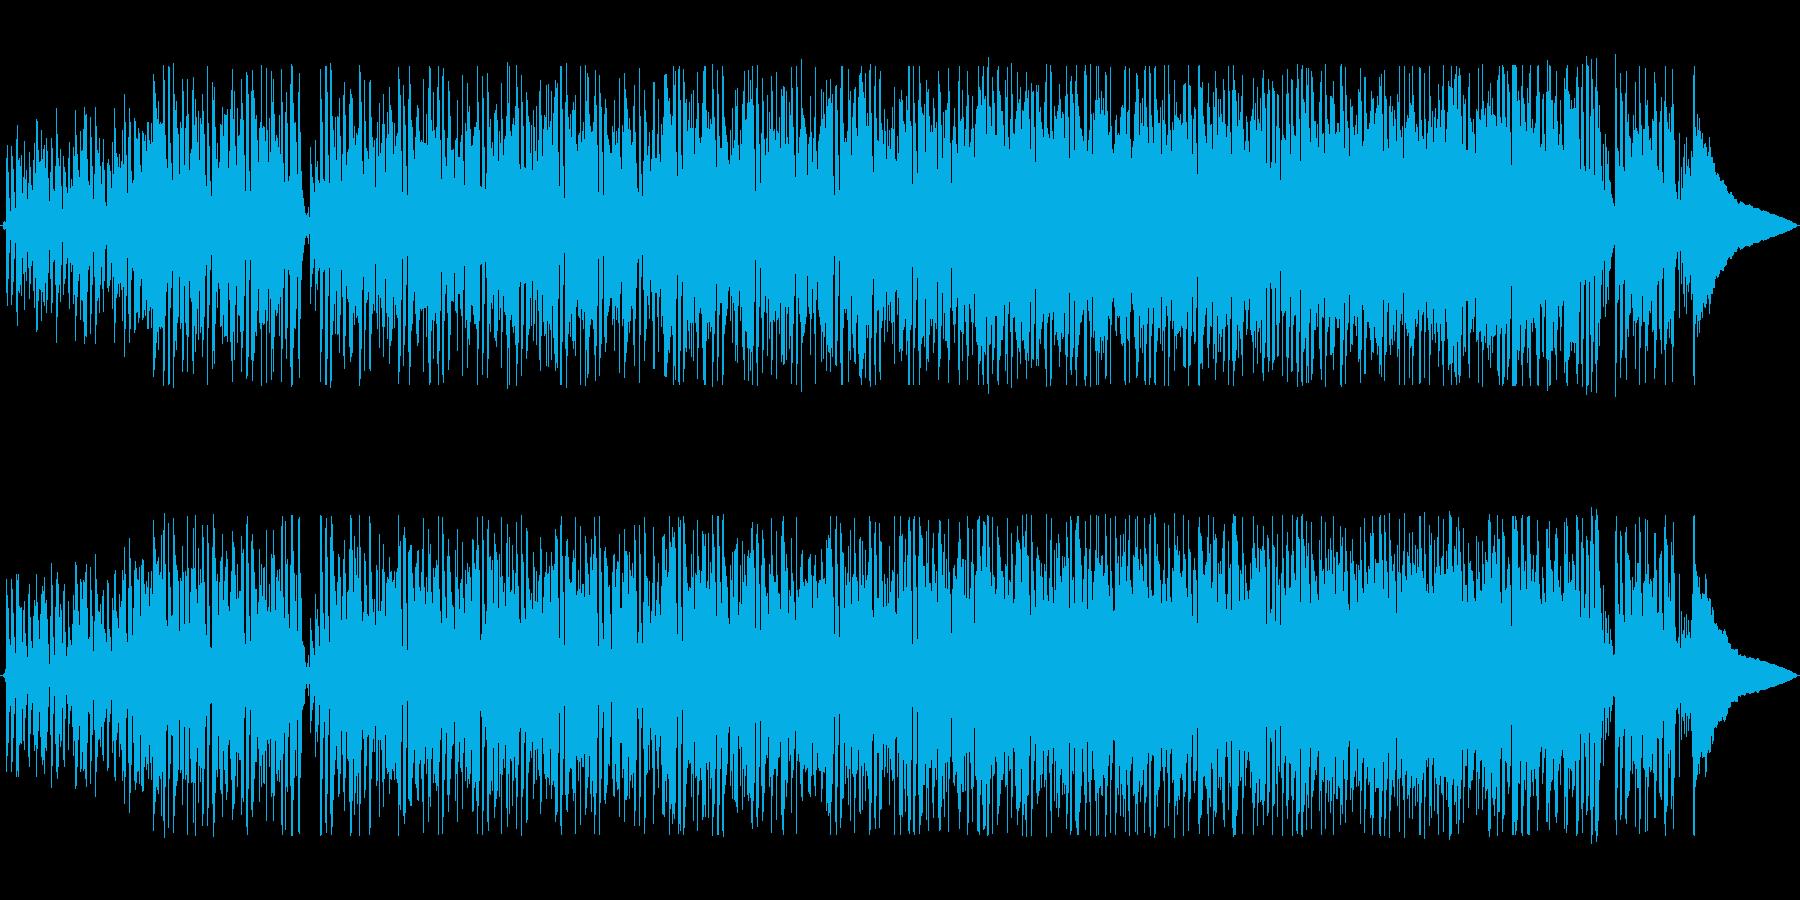 軽快でリズミカルなシンセポップサウンドの再生済みの波形